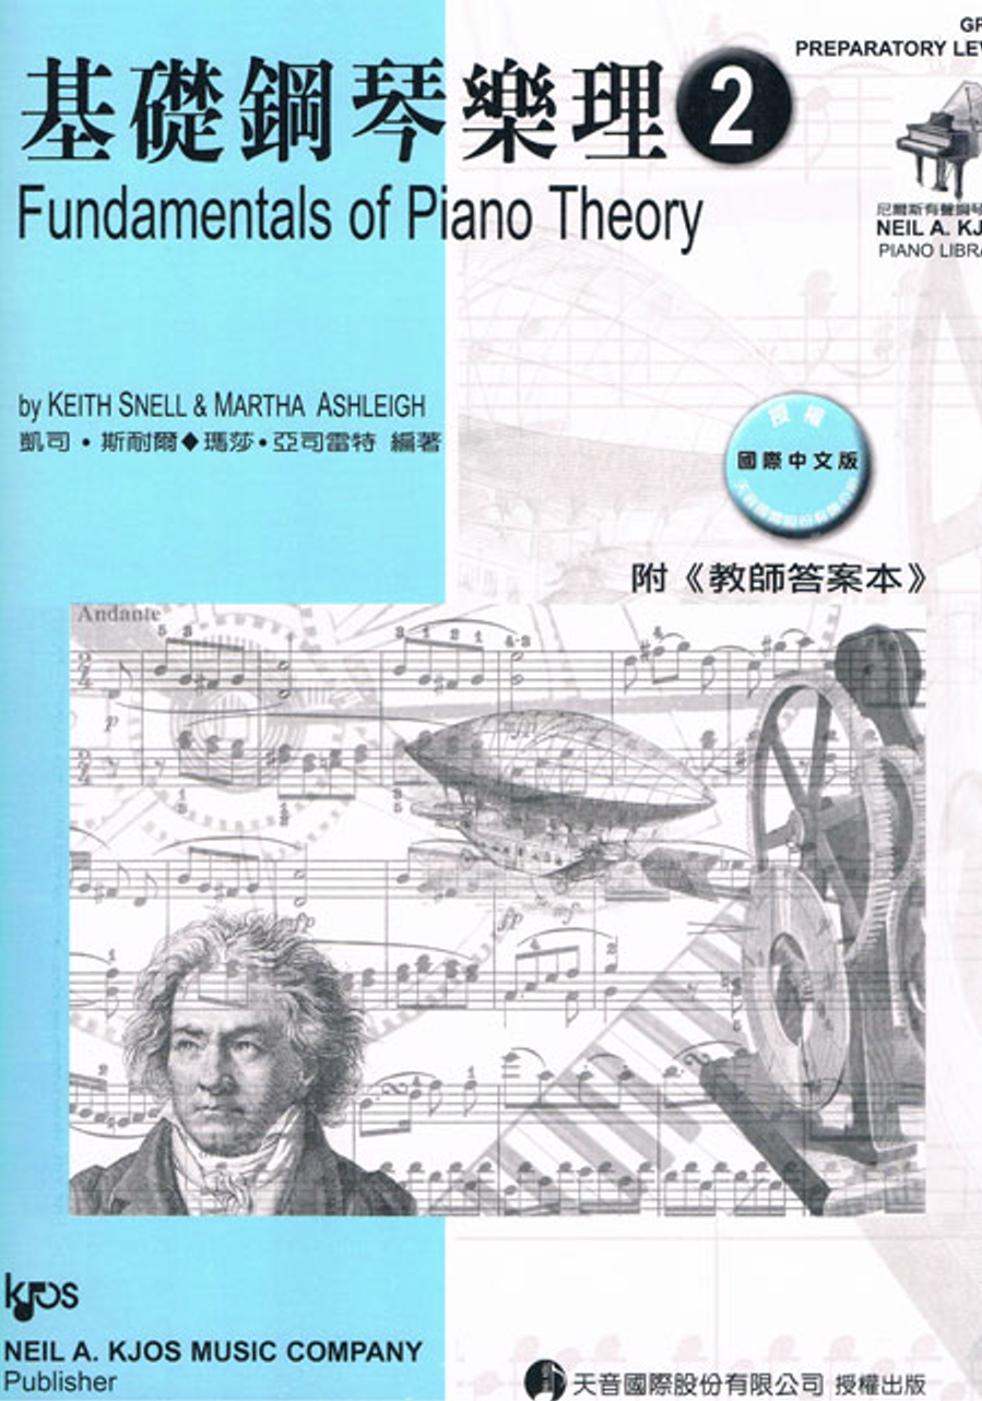 尼爾斯 基礎鋼琴樂理 2 附教師答案本